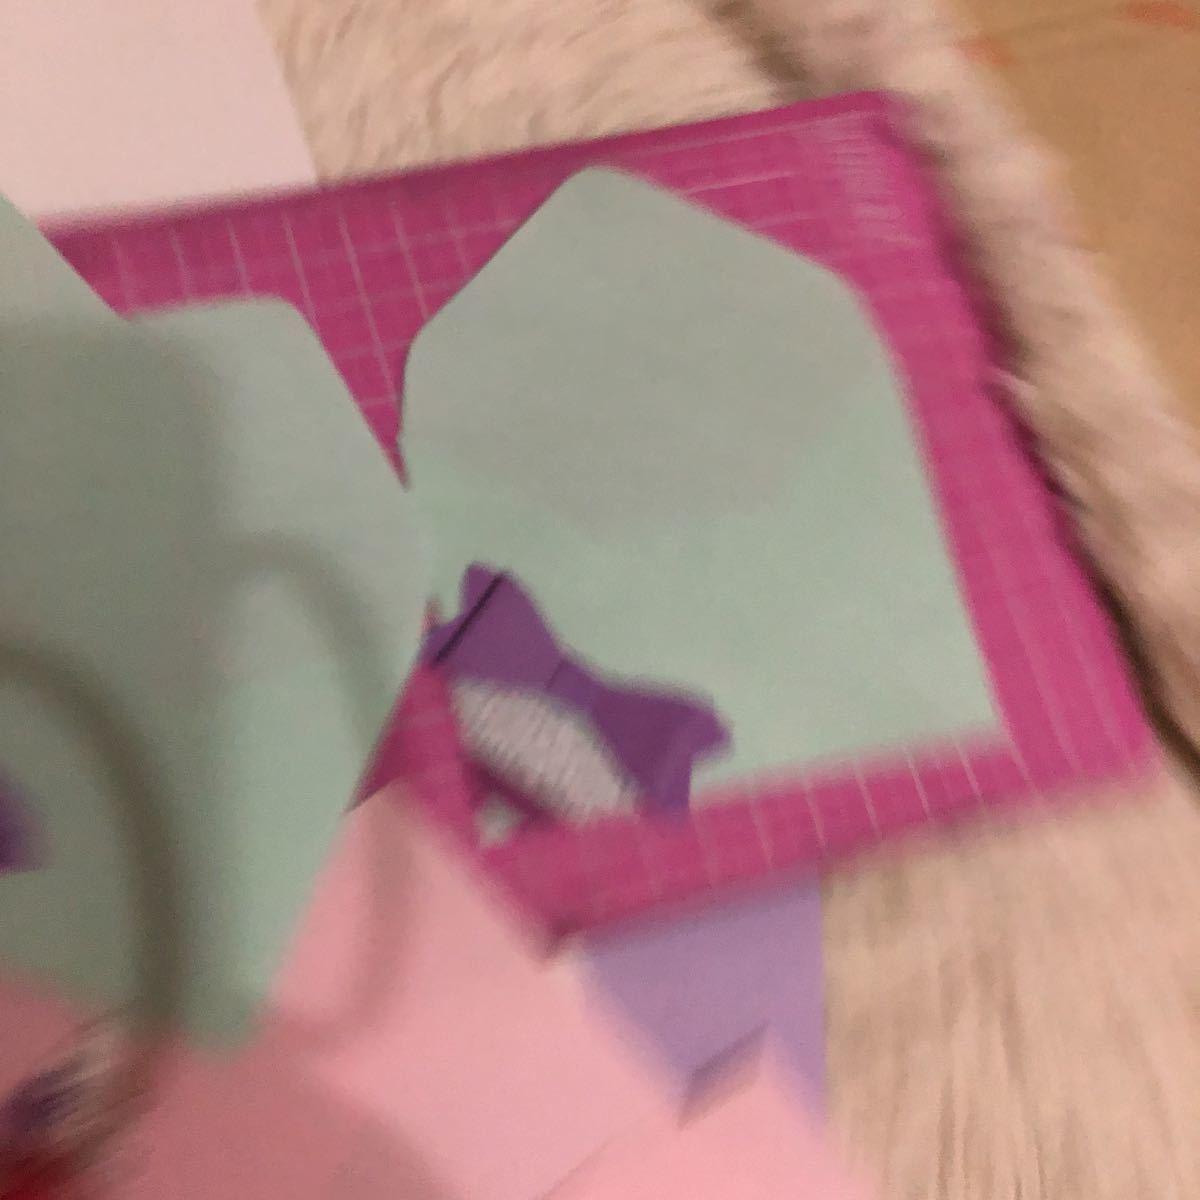 ハンドメイド ミニ封筒 ポチ袋 ペーパー プレゼント ラッピング リボン 蝶 アソート 35枚 オリジナル_画像2